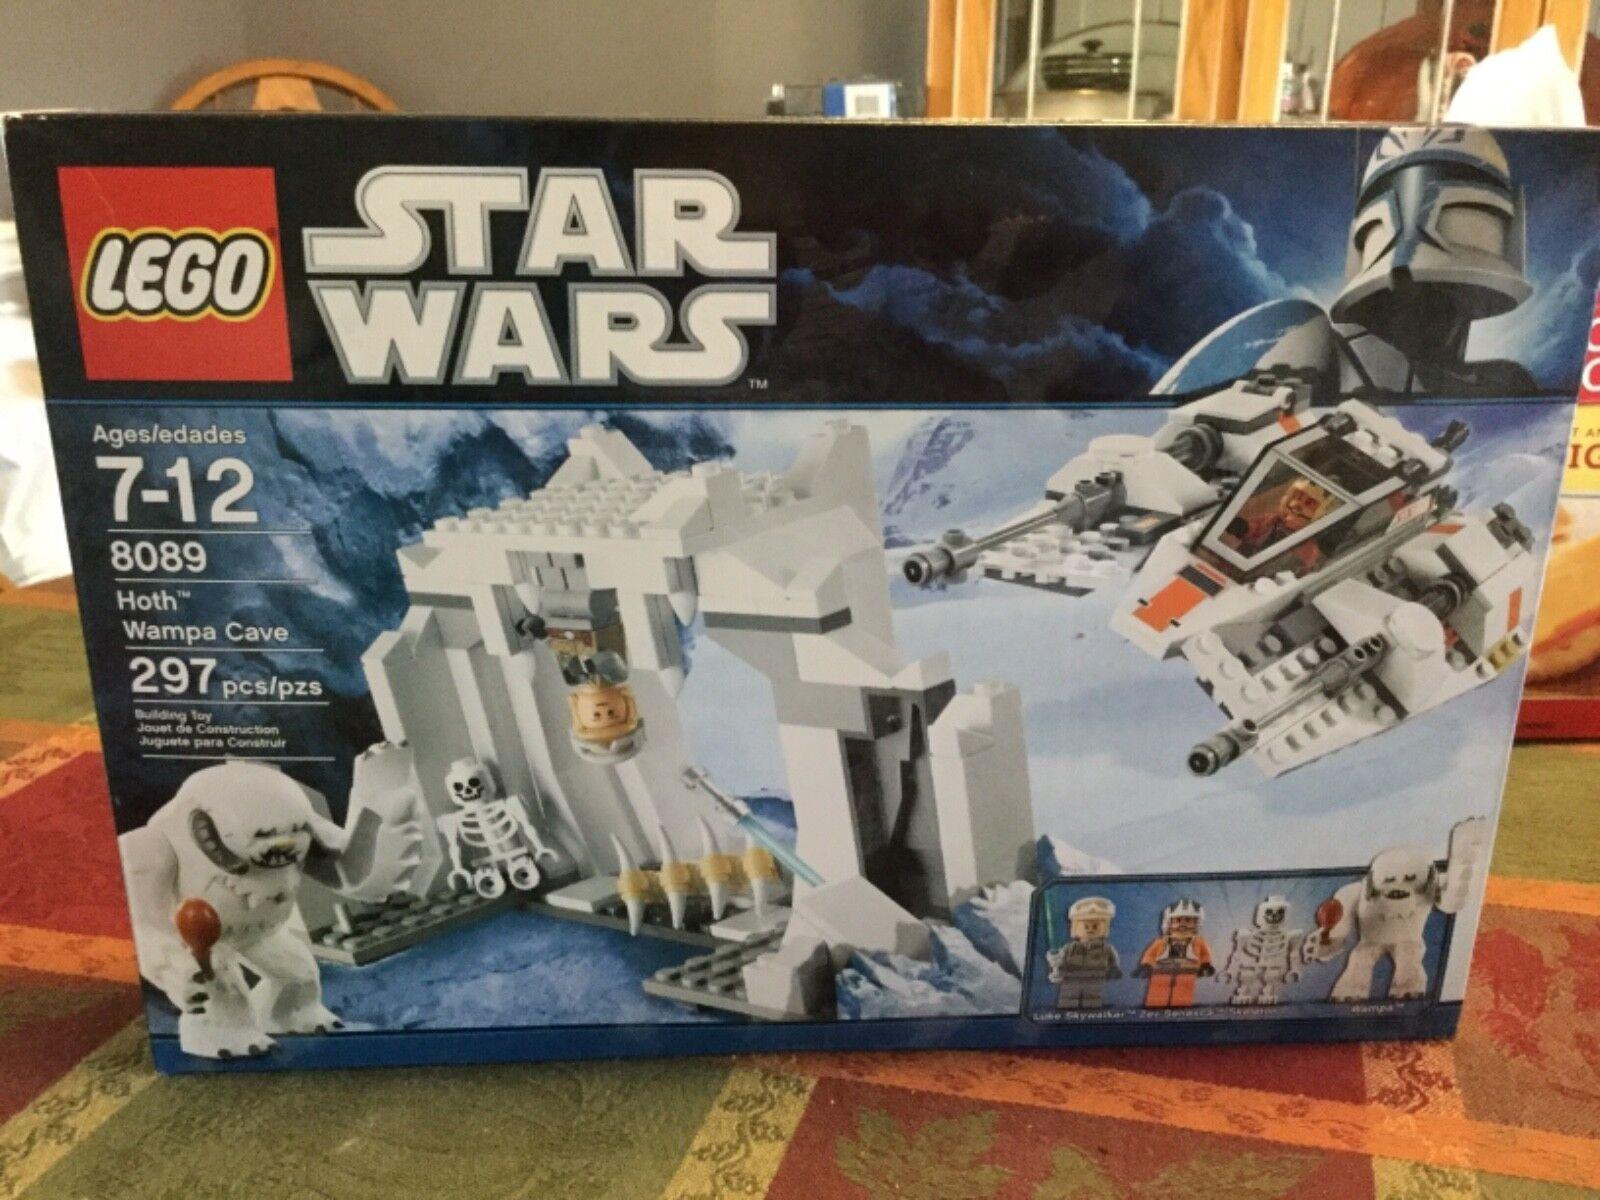 totalmente Nuevo  Sellado de fábrica  Lego Star Wars 8089 Hoth Wampa Cave